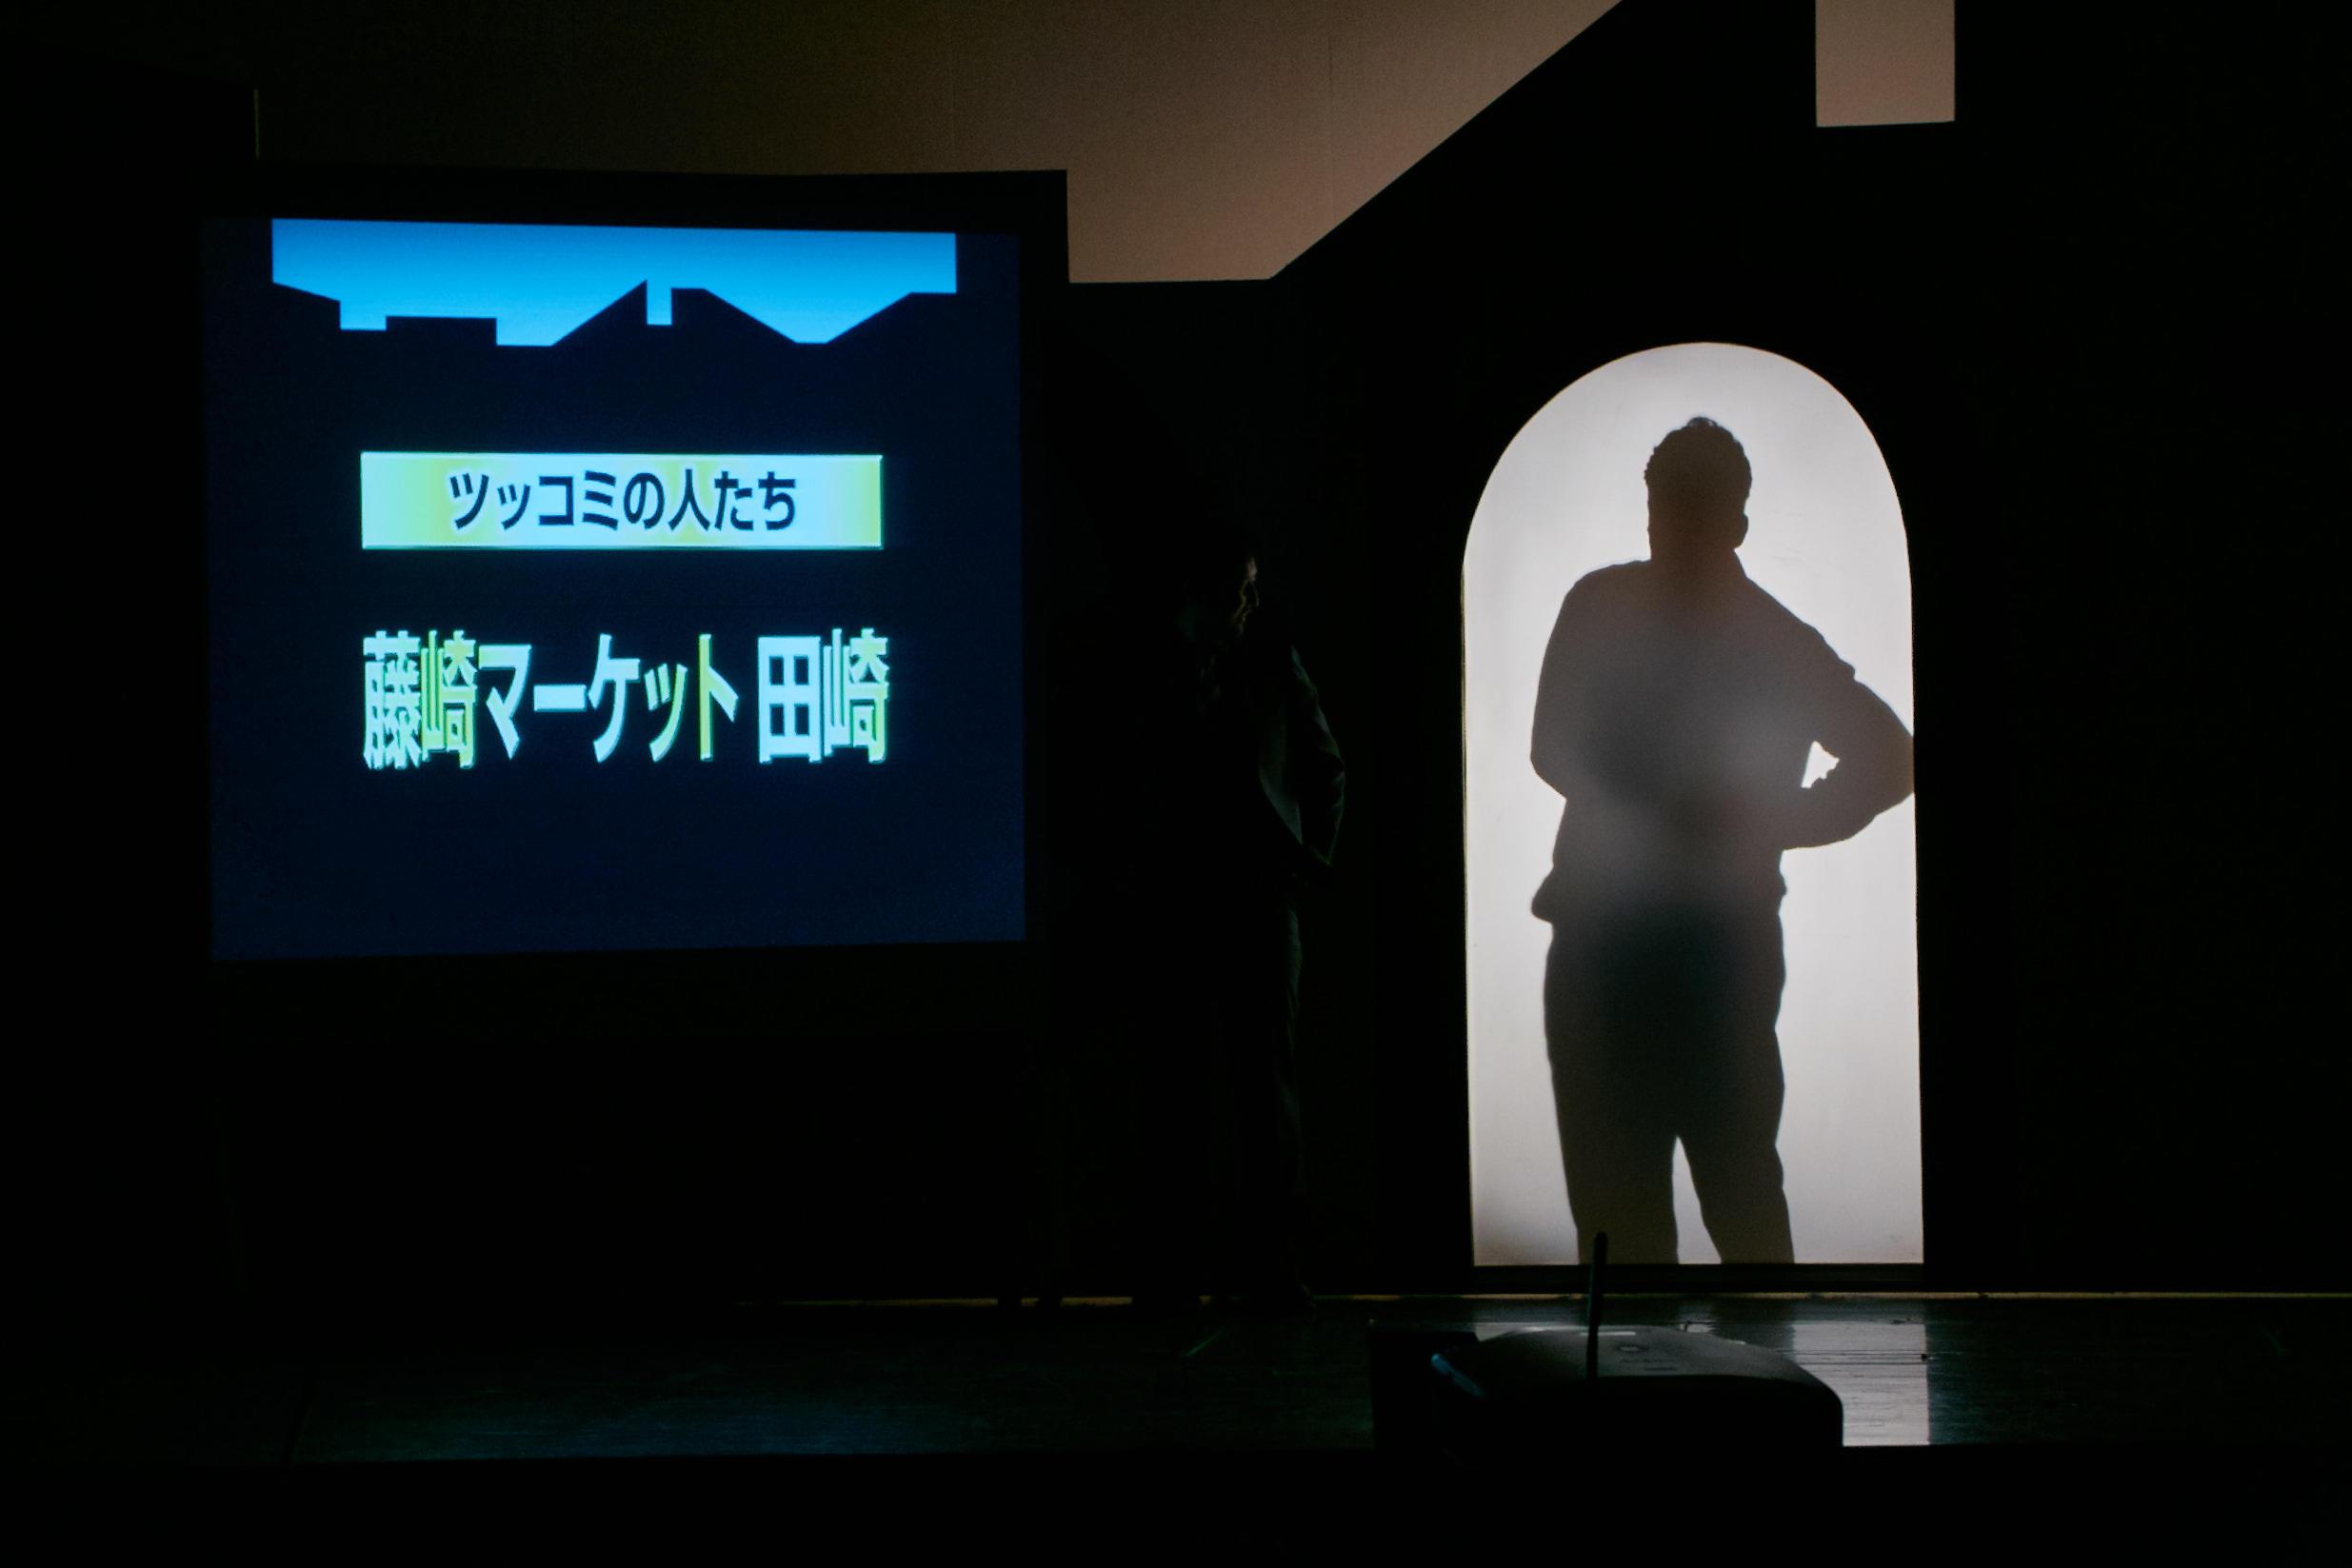 http://news.yoshimoto.co.jp/20180101190122-9a5a935871d6266ce2cdc03e919d5c413a59453d.jpg